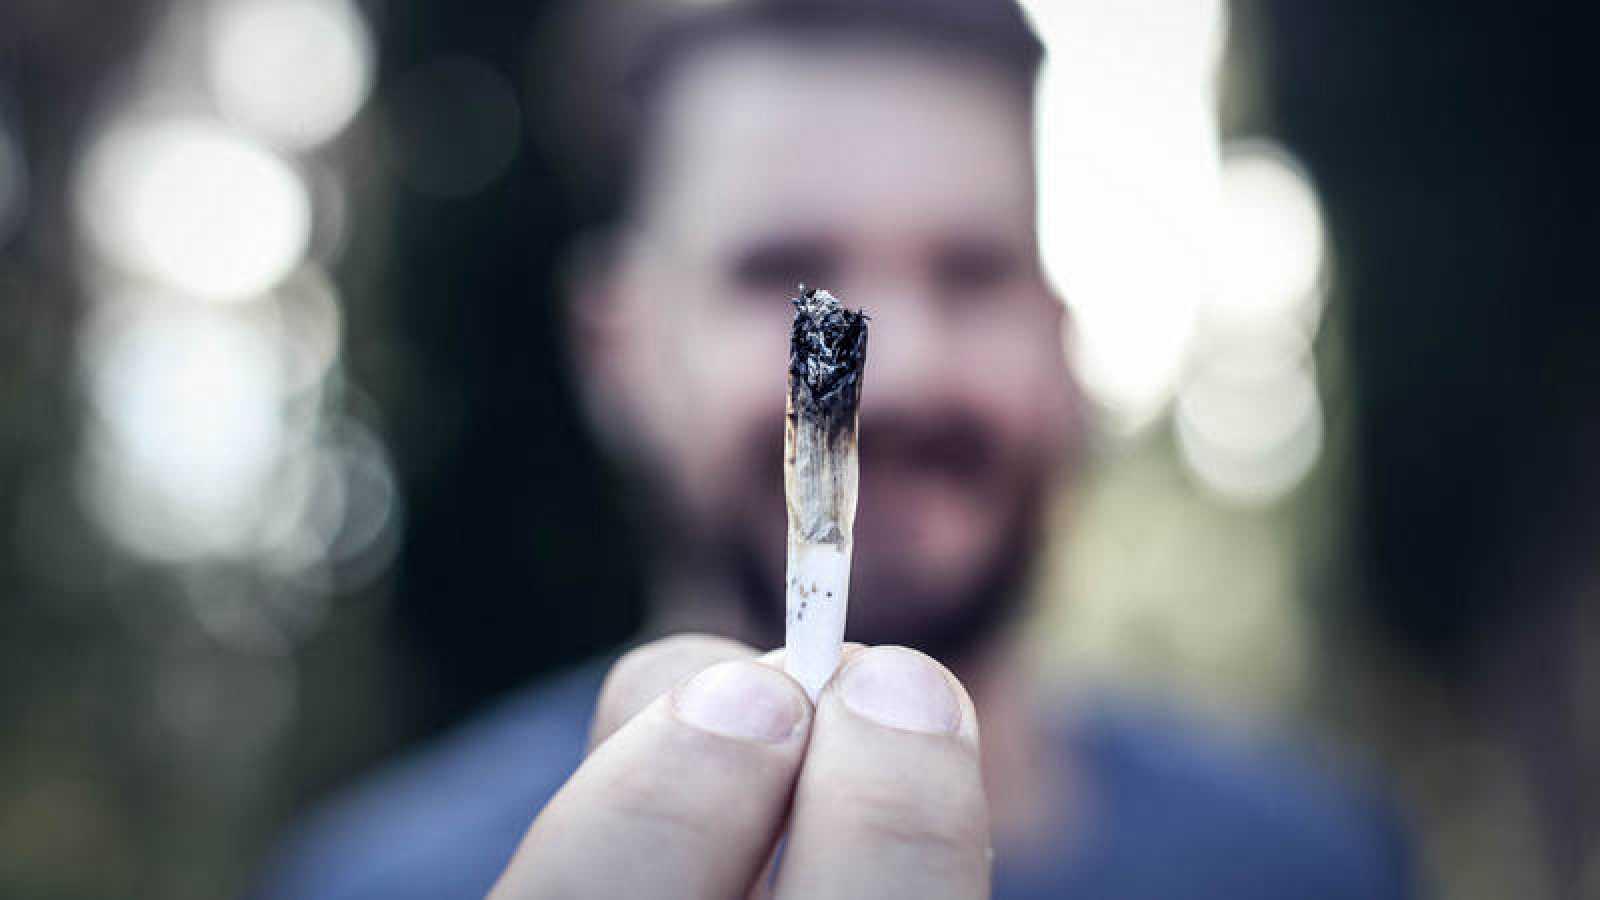 Un hombre sostiene un porro de marihuana